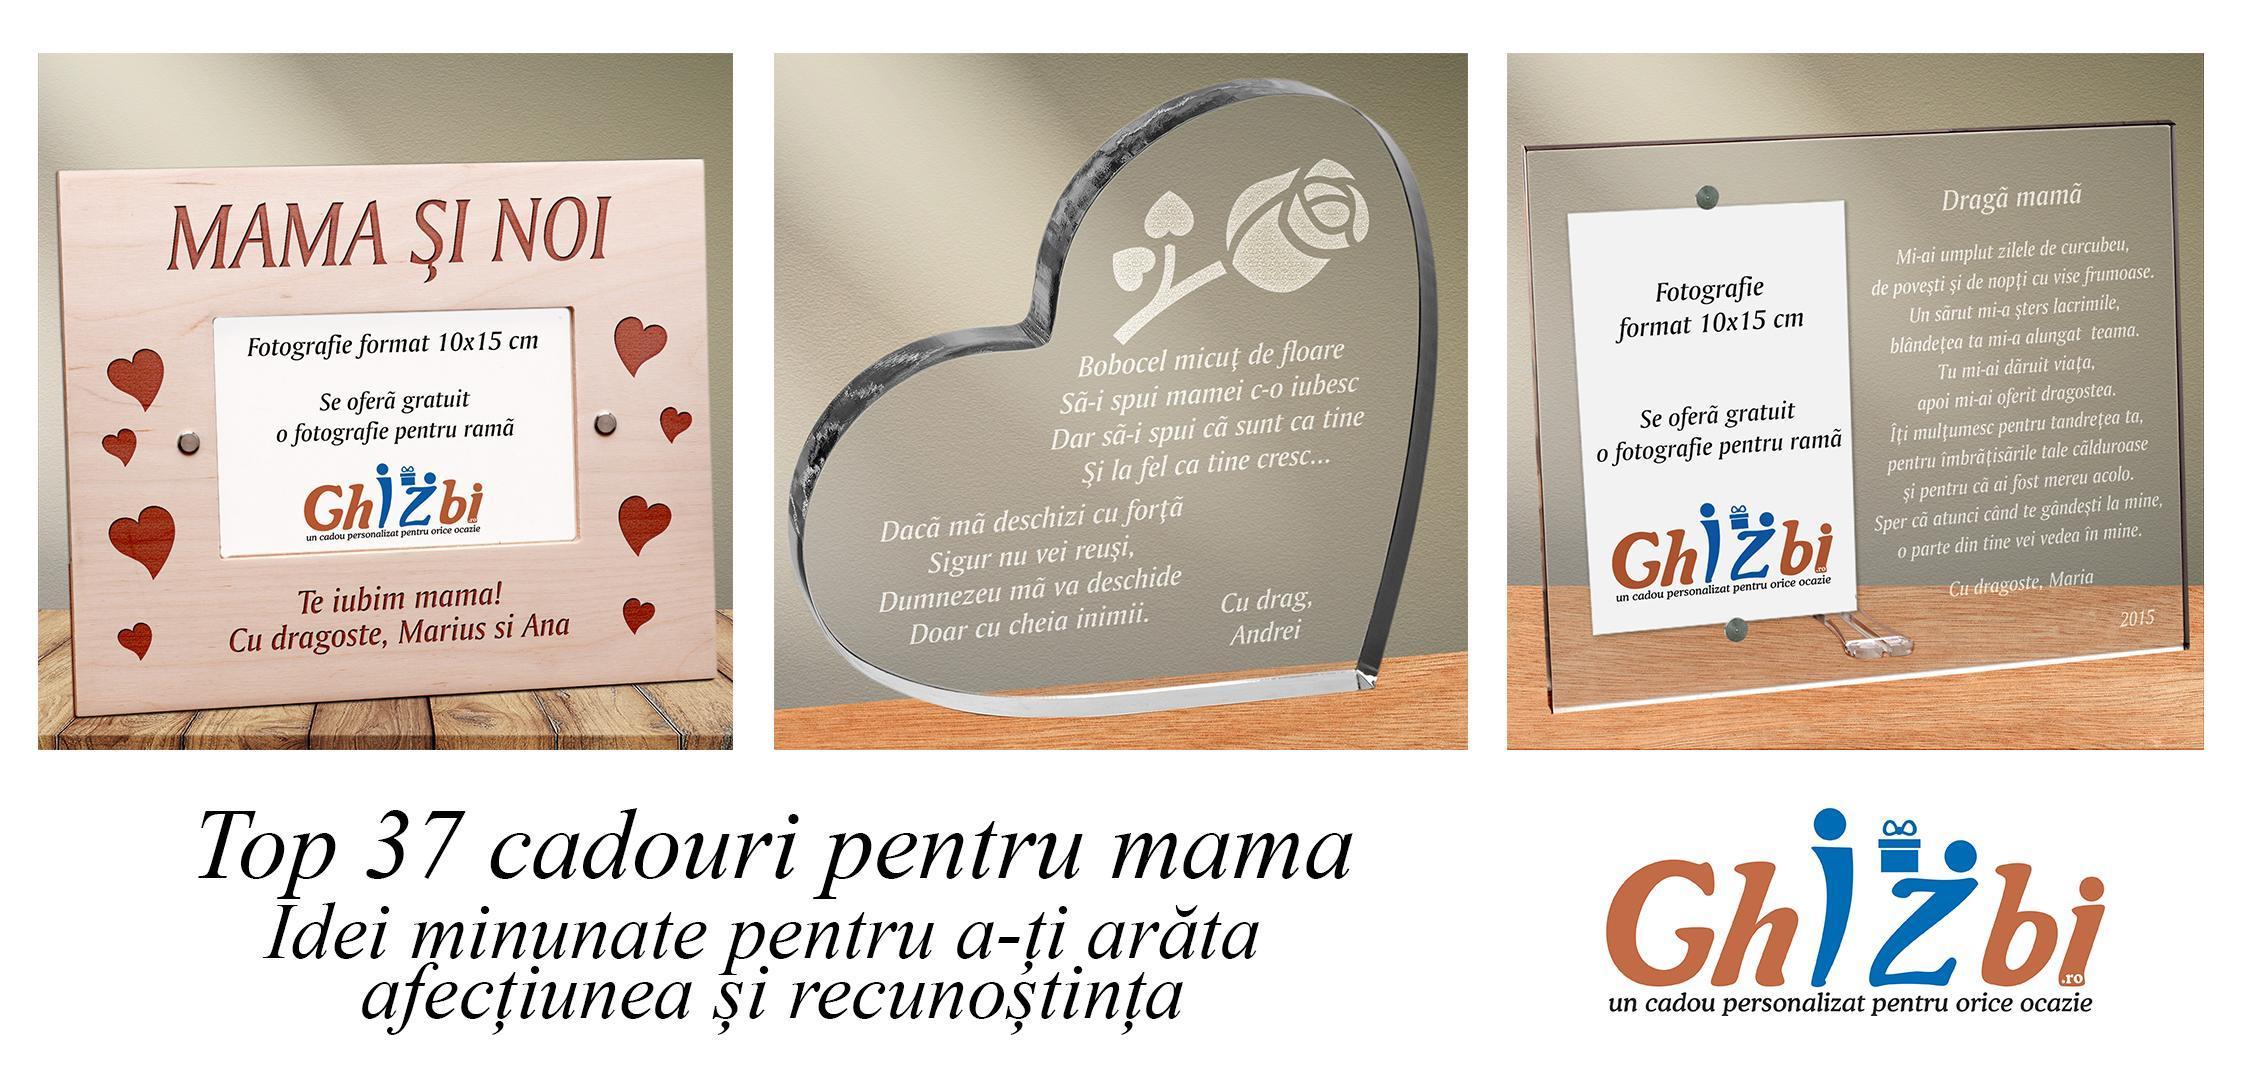 Top 37 cadouri pentru mama - Idei minunate pentru a-ți arăta afecțiunea și recunoștința